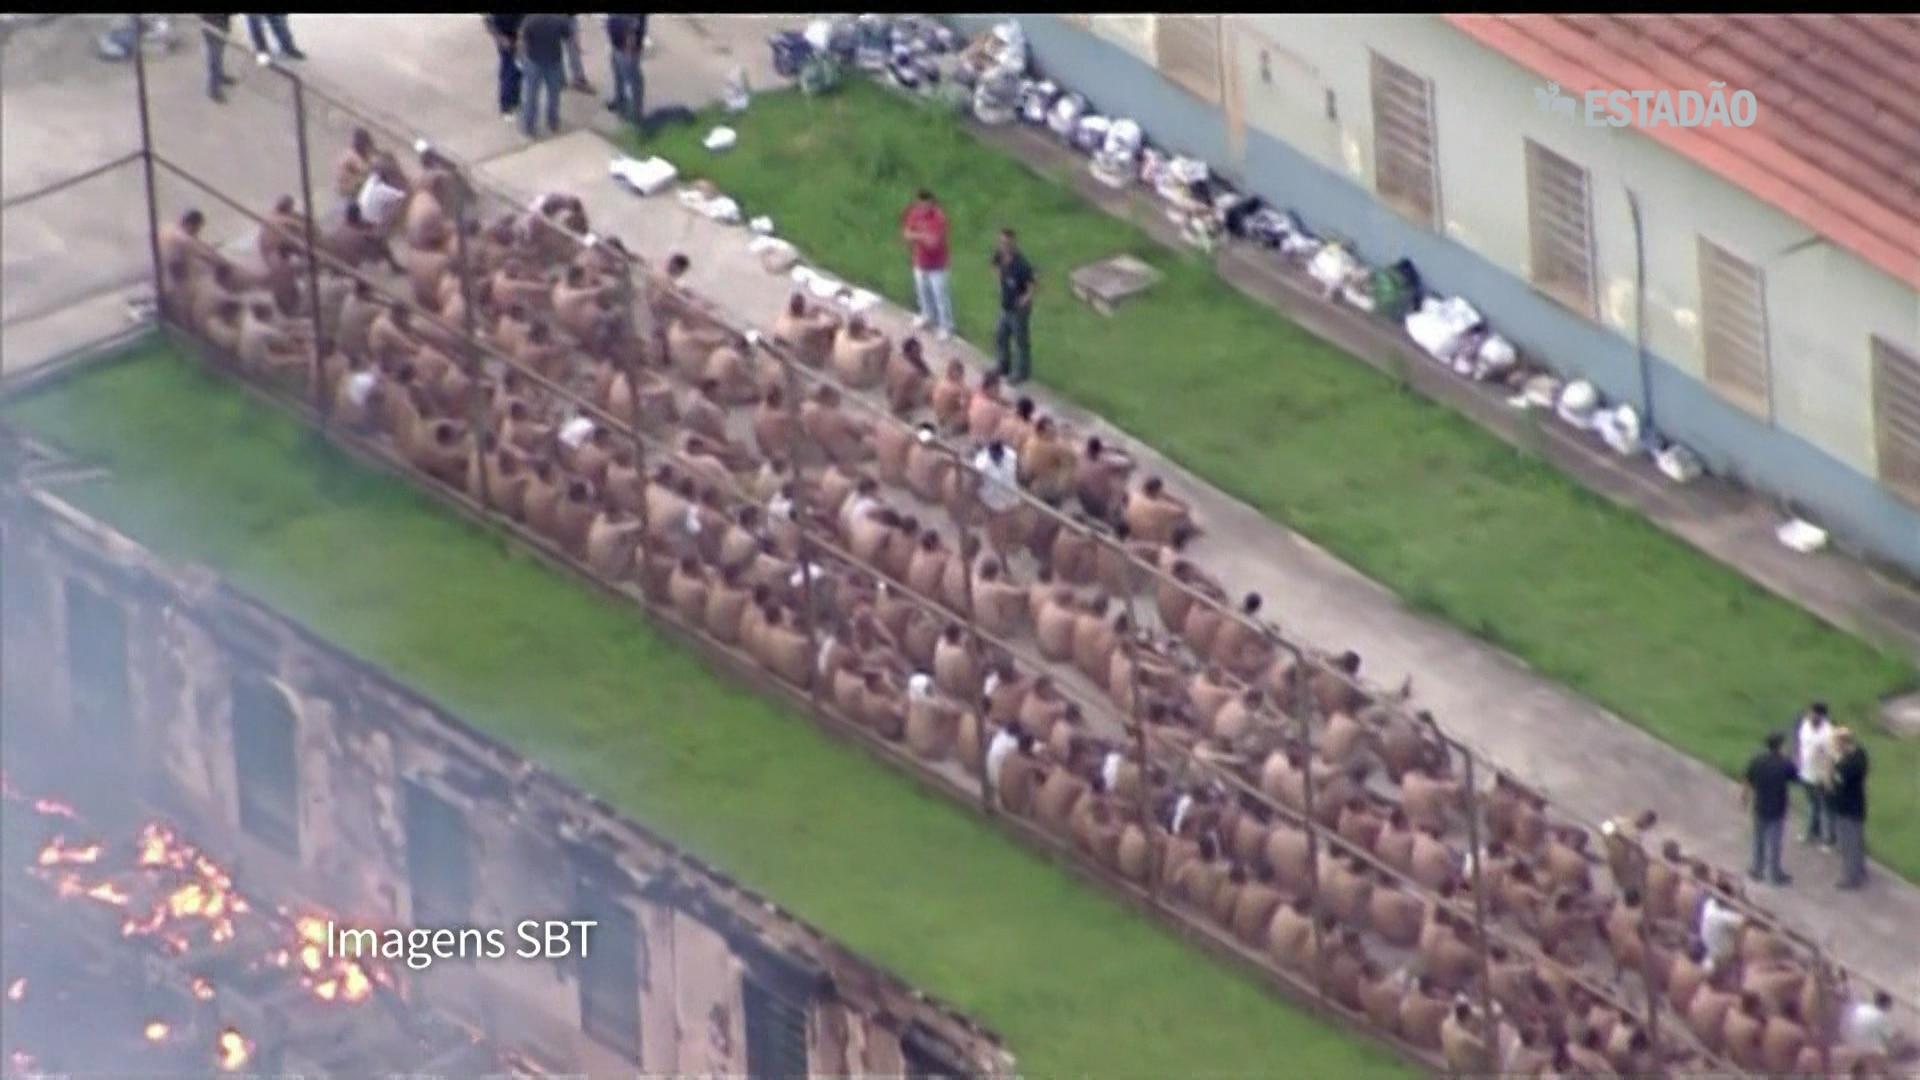 Fuga e incêndio em motim em Franco da Rocha